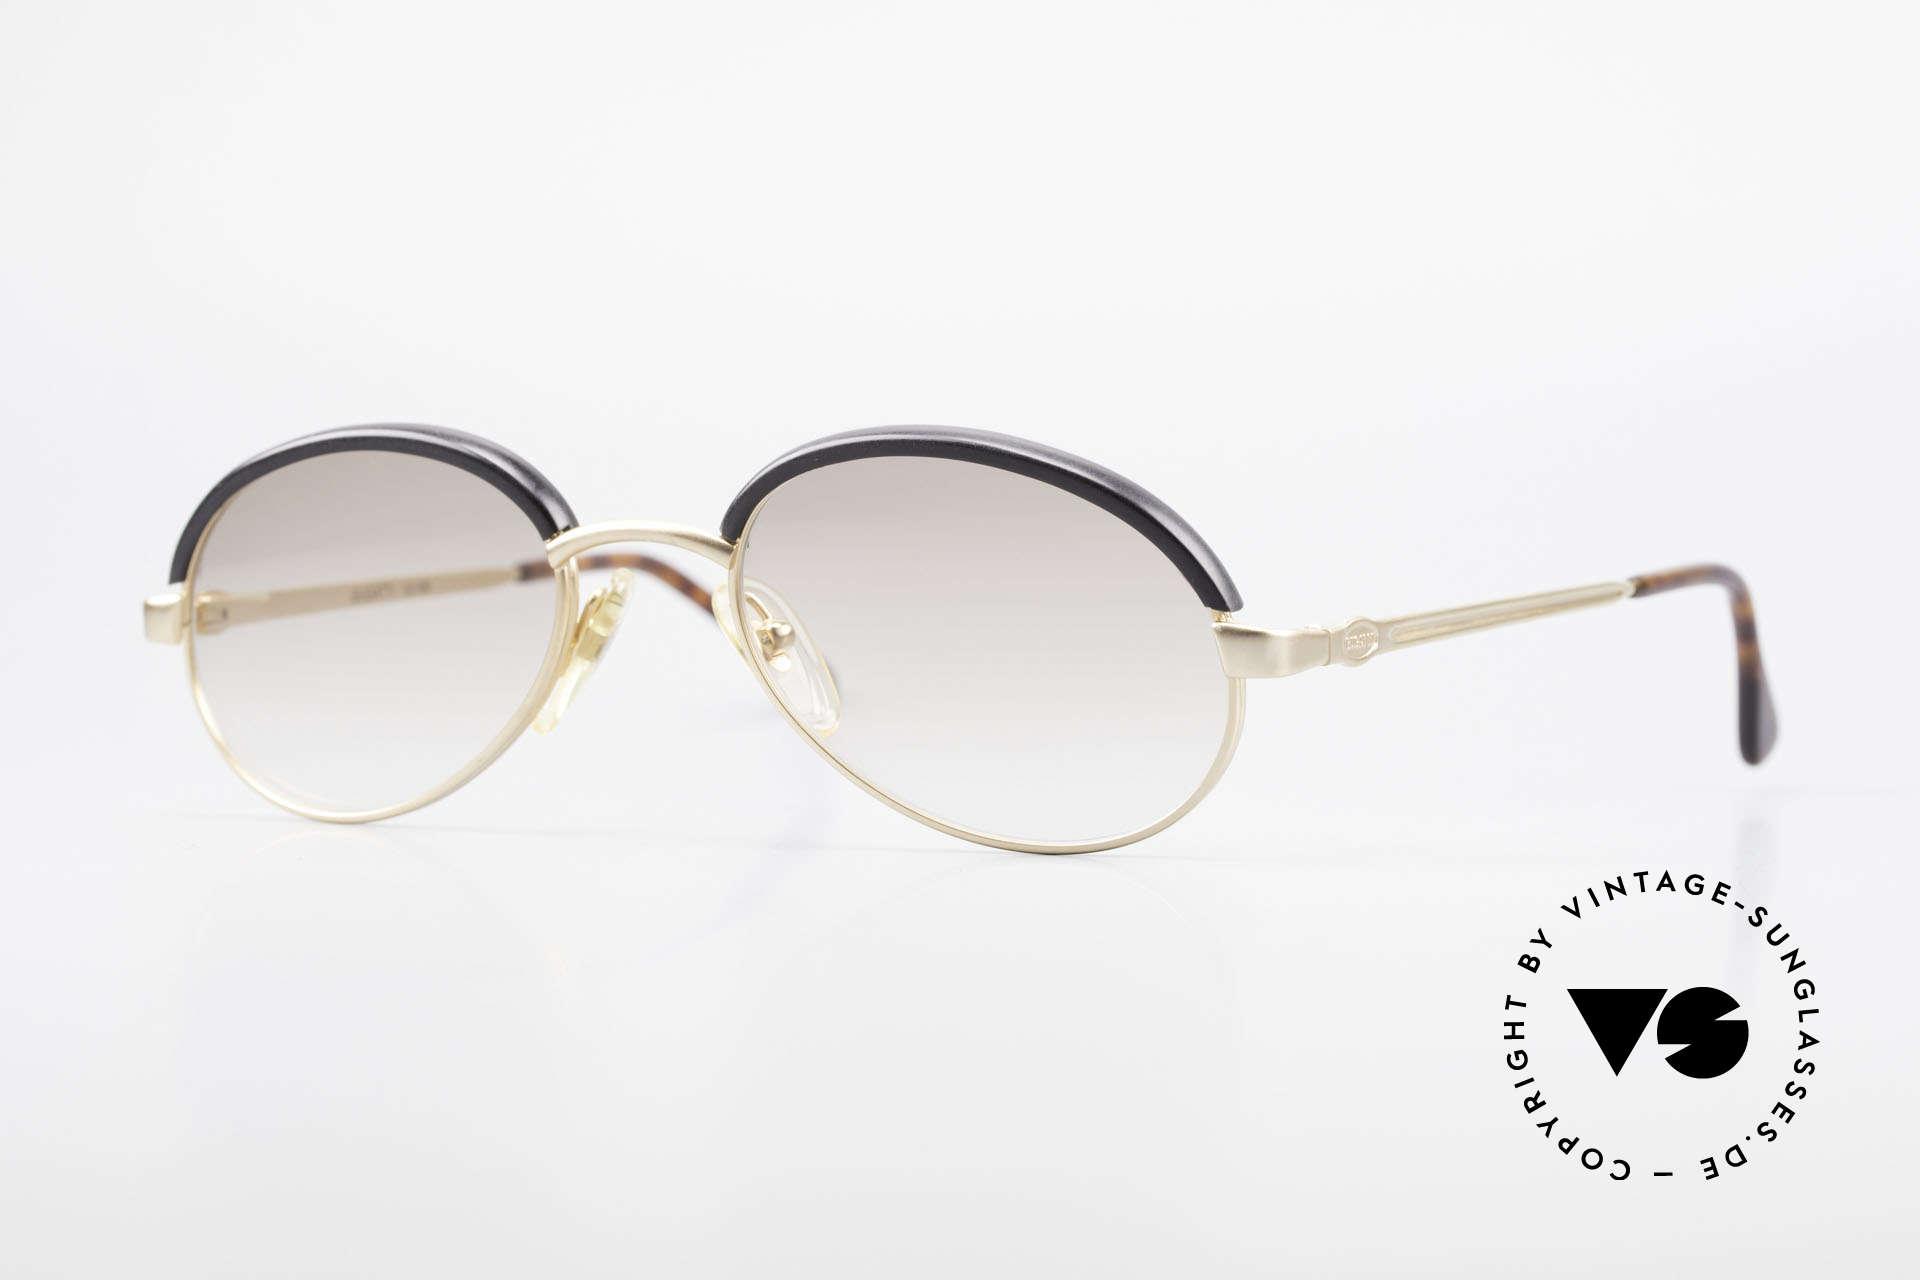 Bugatti 03180 Alte Klassische Bugatti Brille, alte, sehr elegante vintage Bugatti Sonnenbrille, Passend für Herren